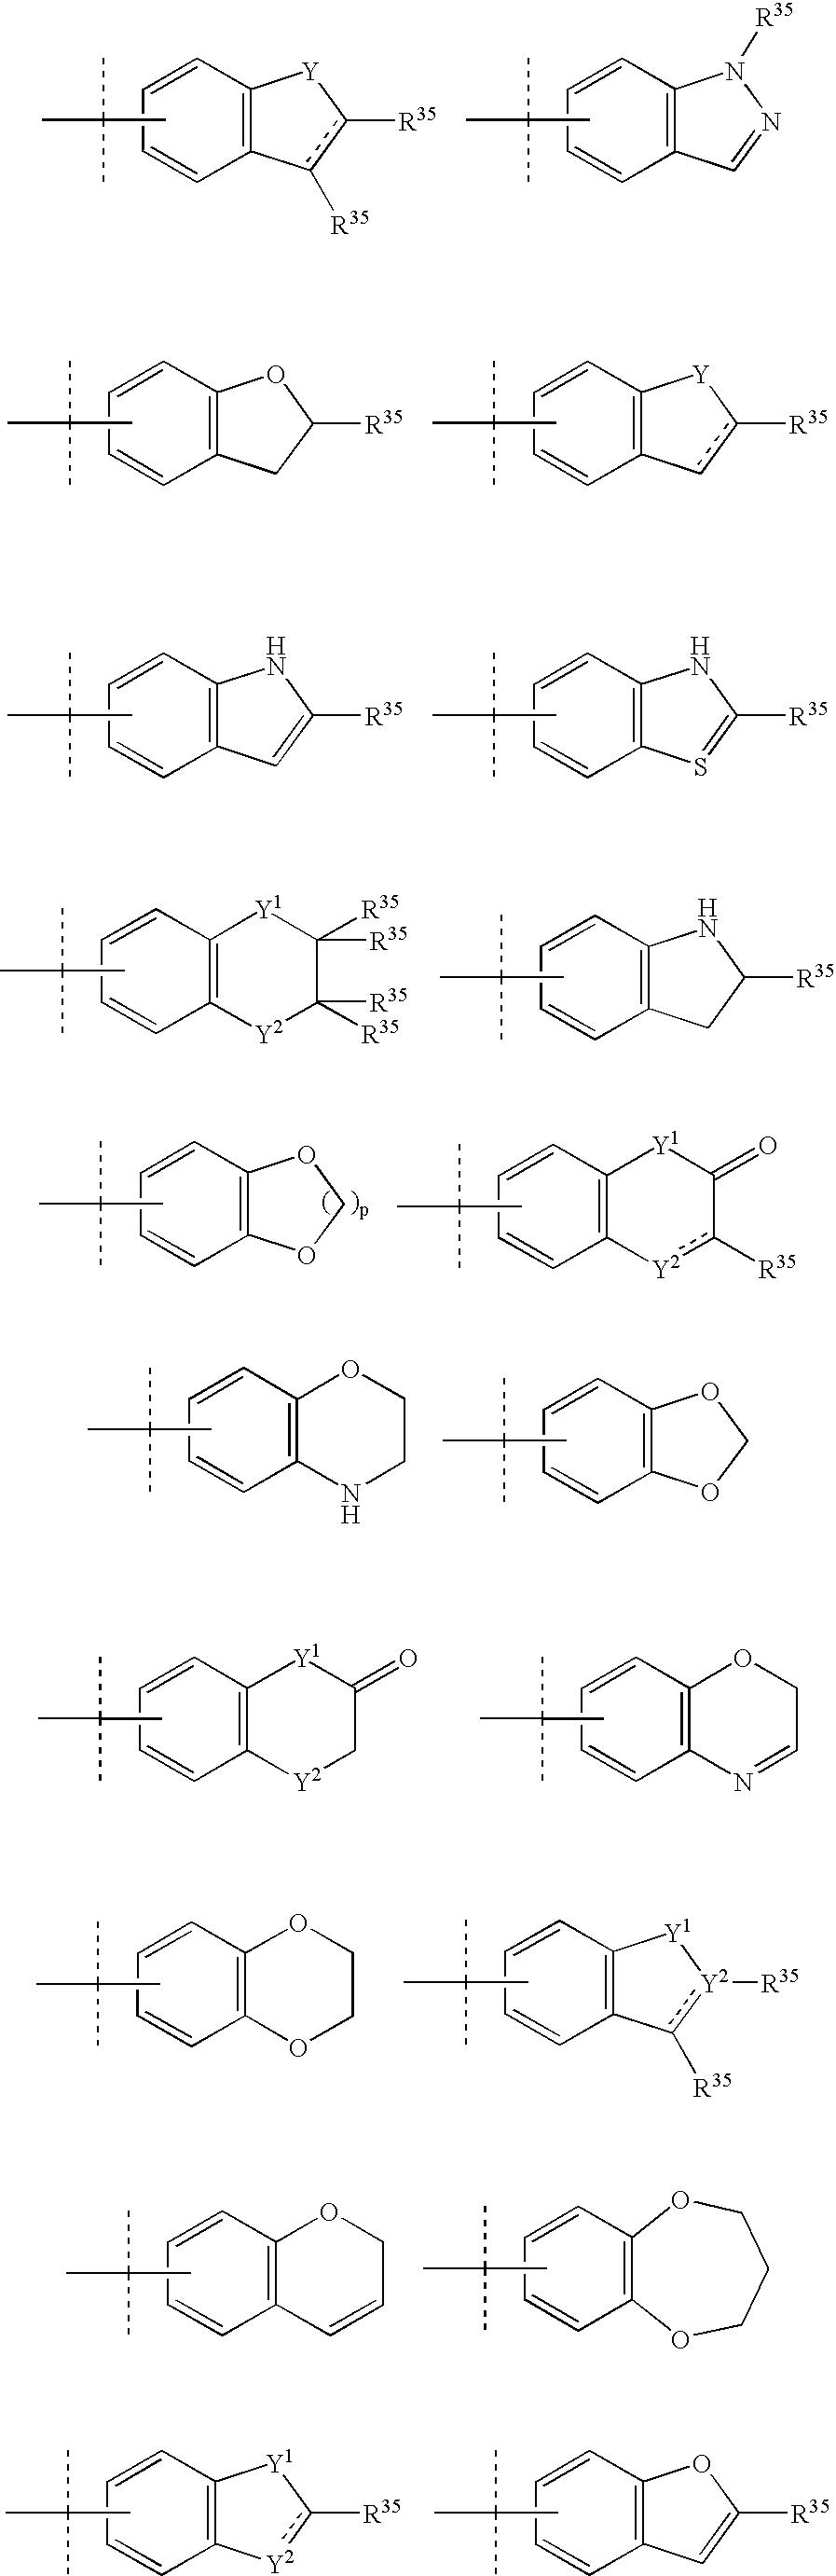 Figure US07485724-20090203-C00014